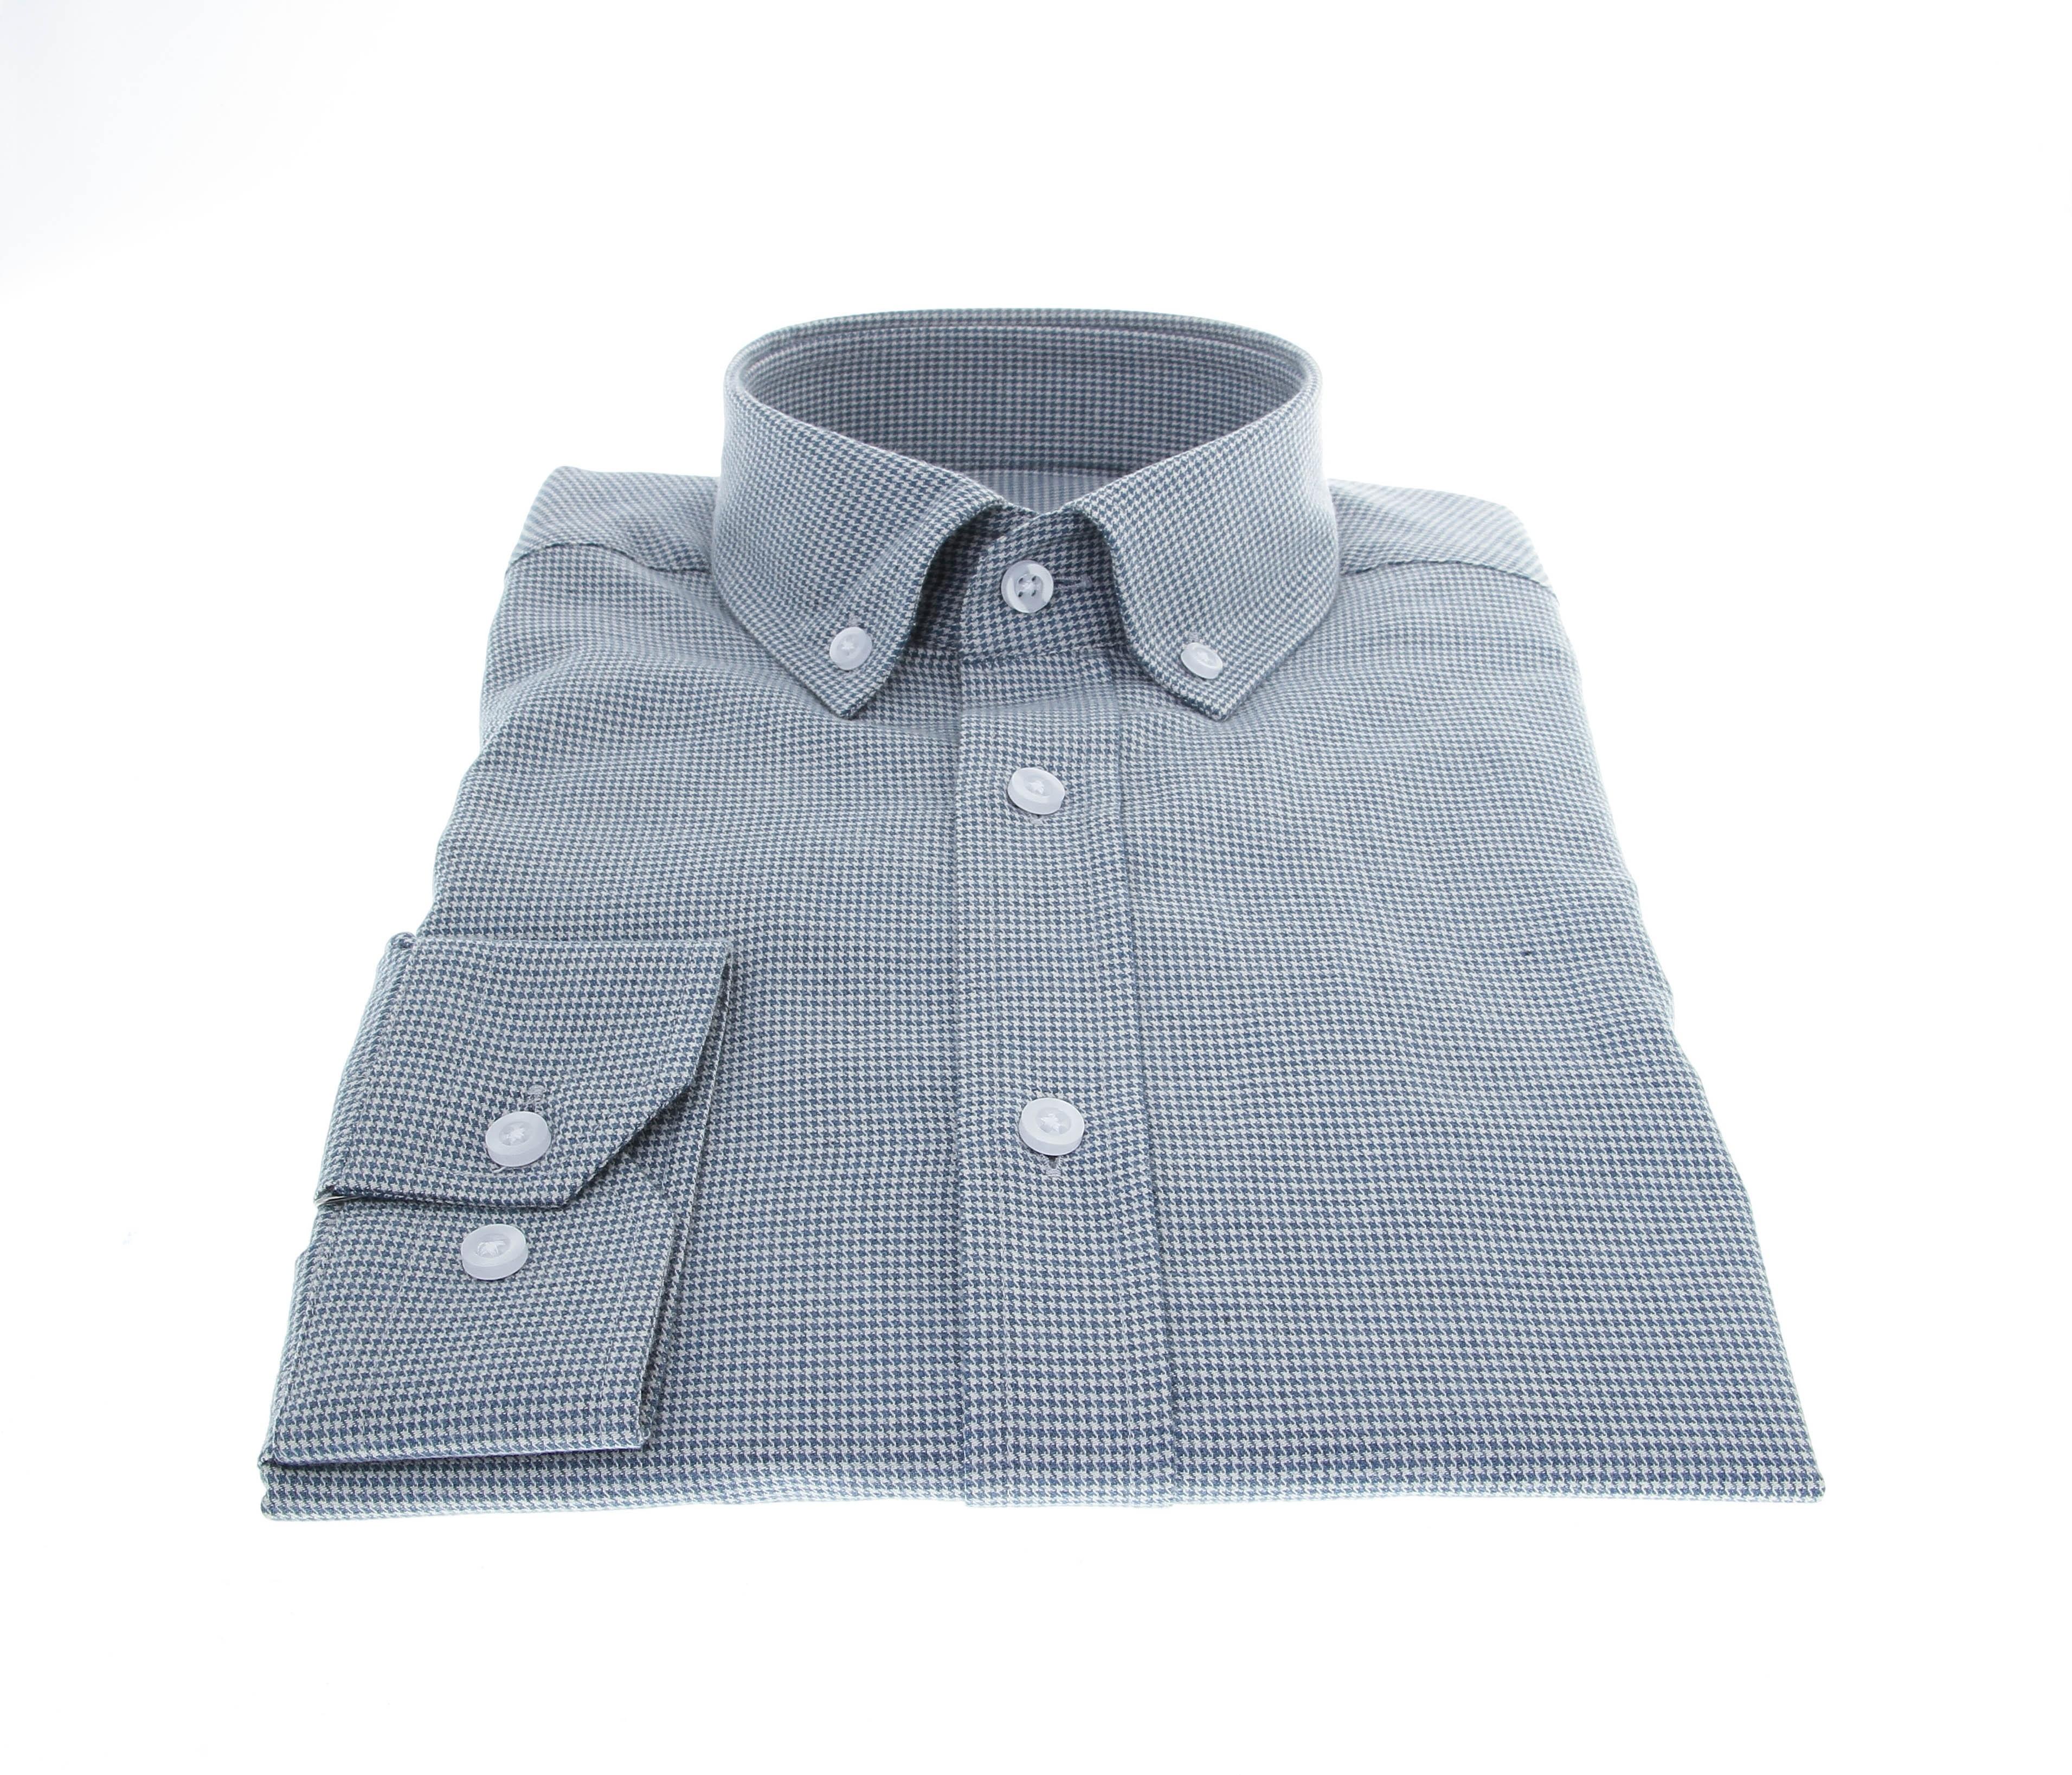 Chemise Winter Vermont : Pied-de-puce gris-bleu  - Pur coton - Col boutonné